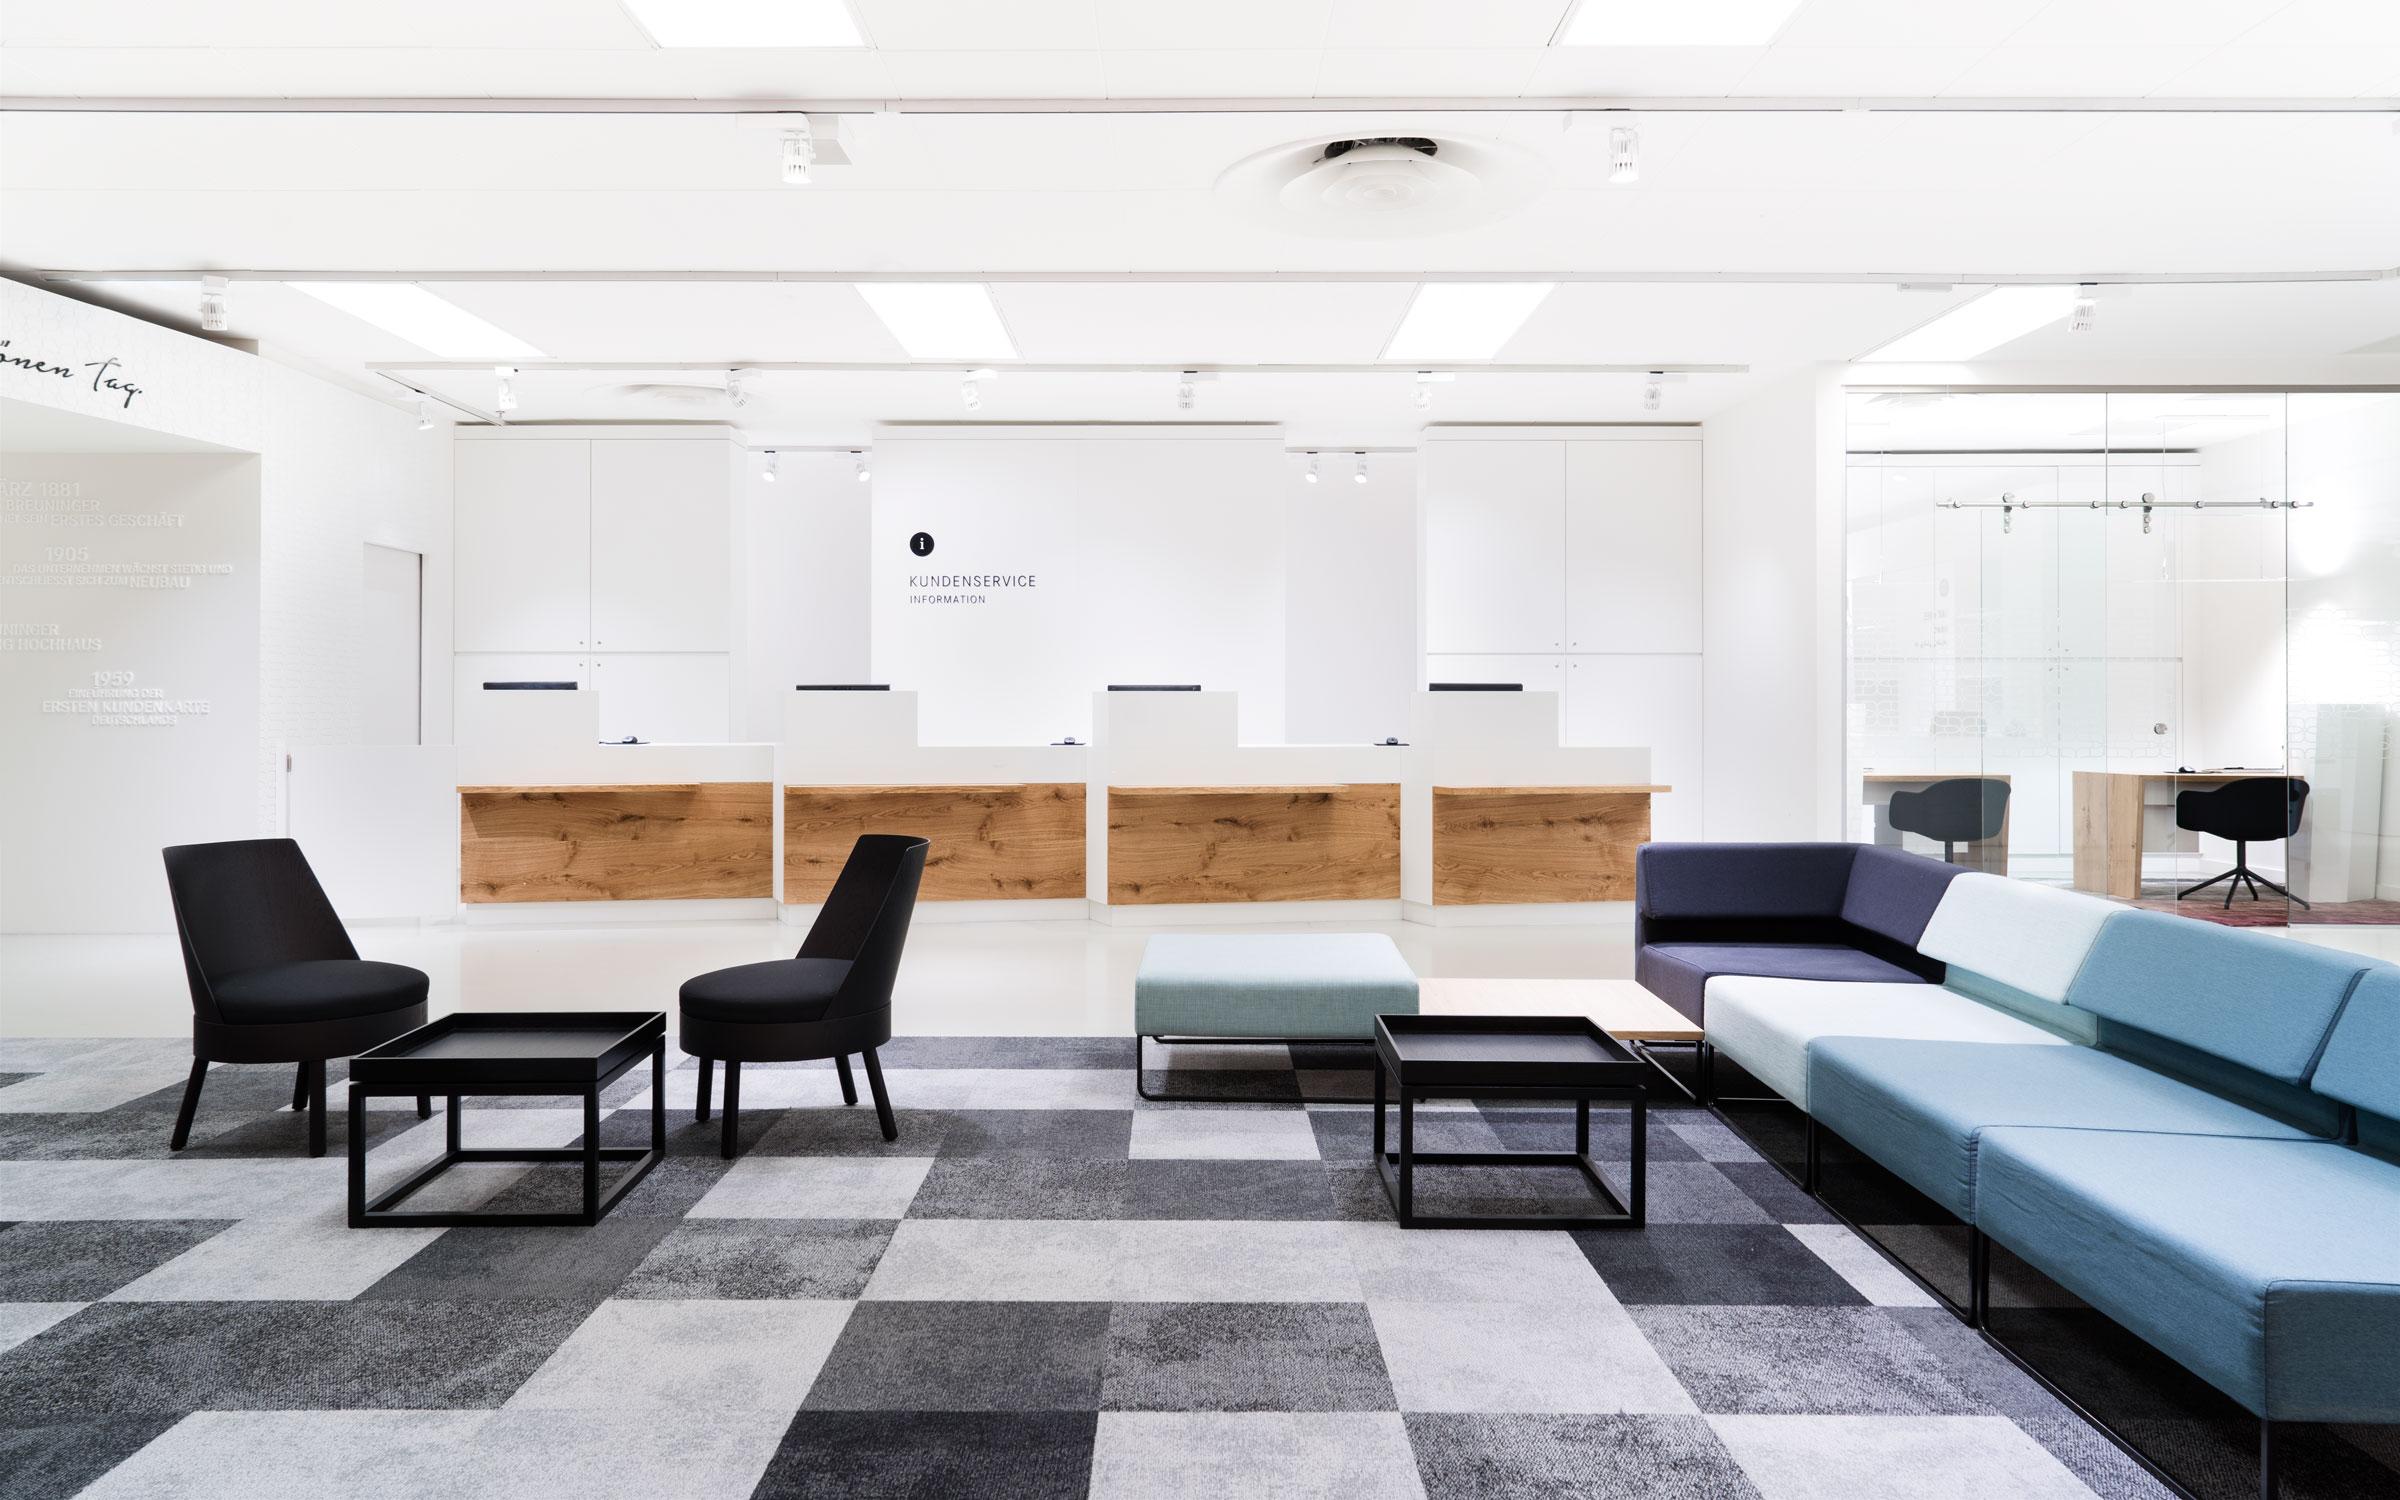 Breuninger Kundenservice, Lounge